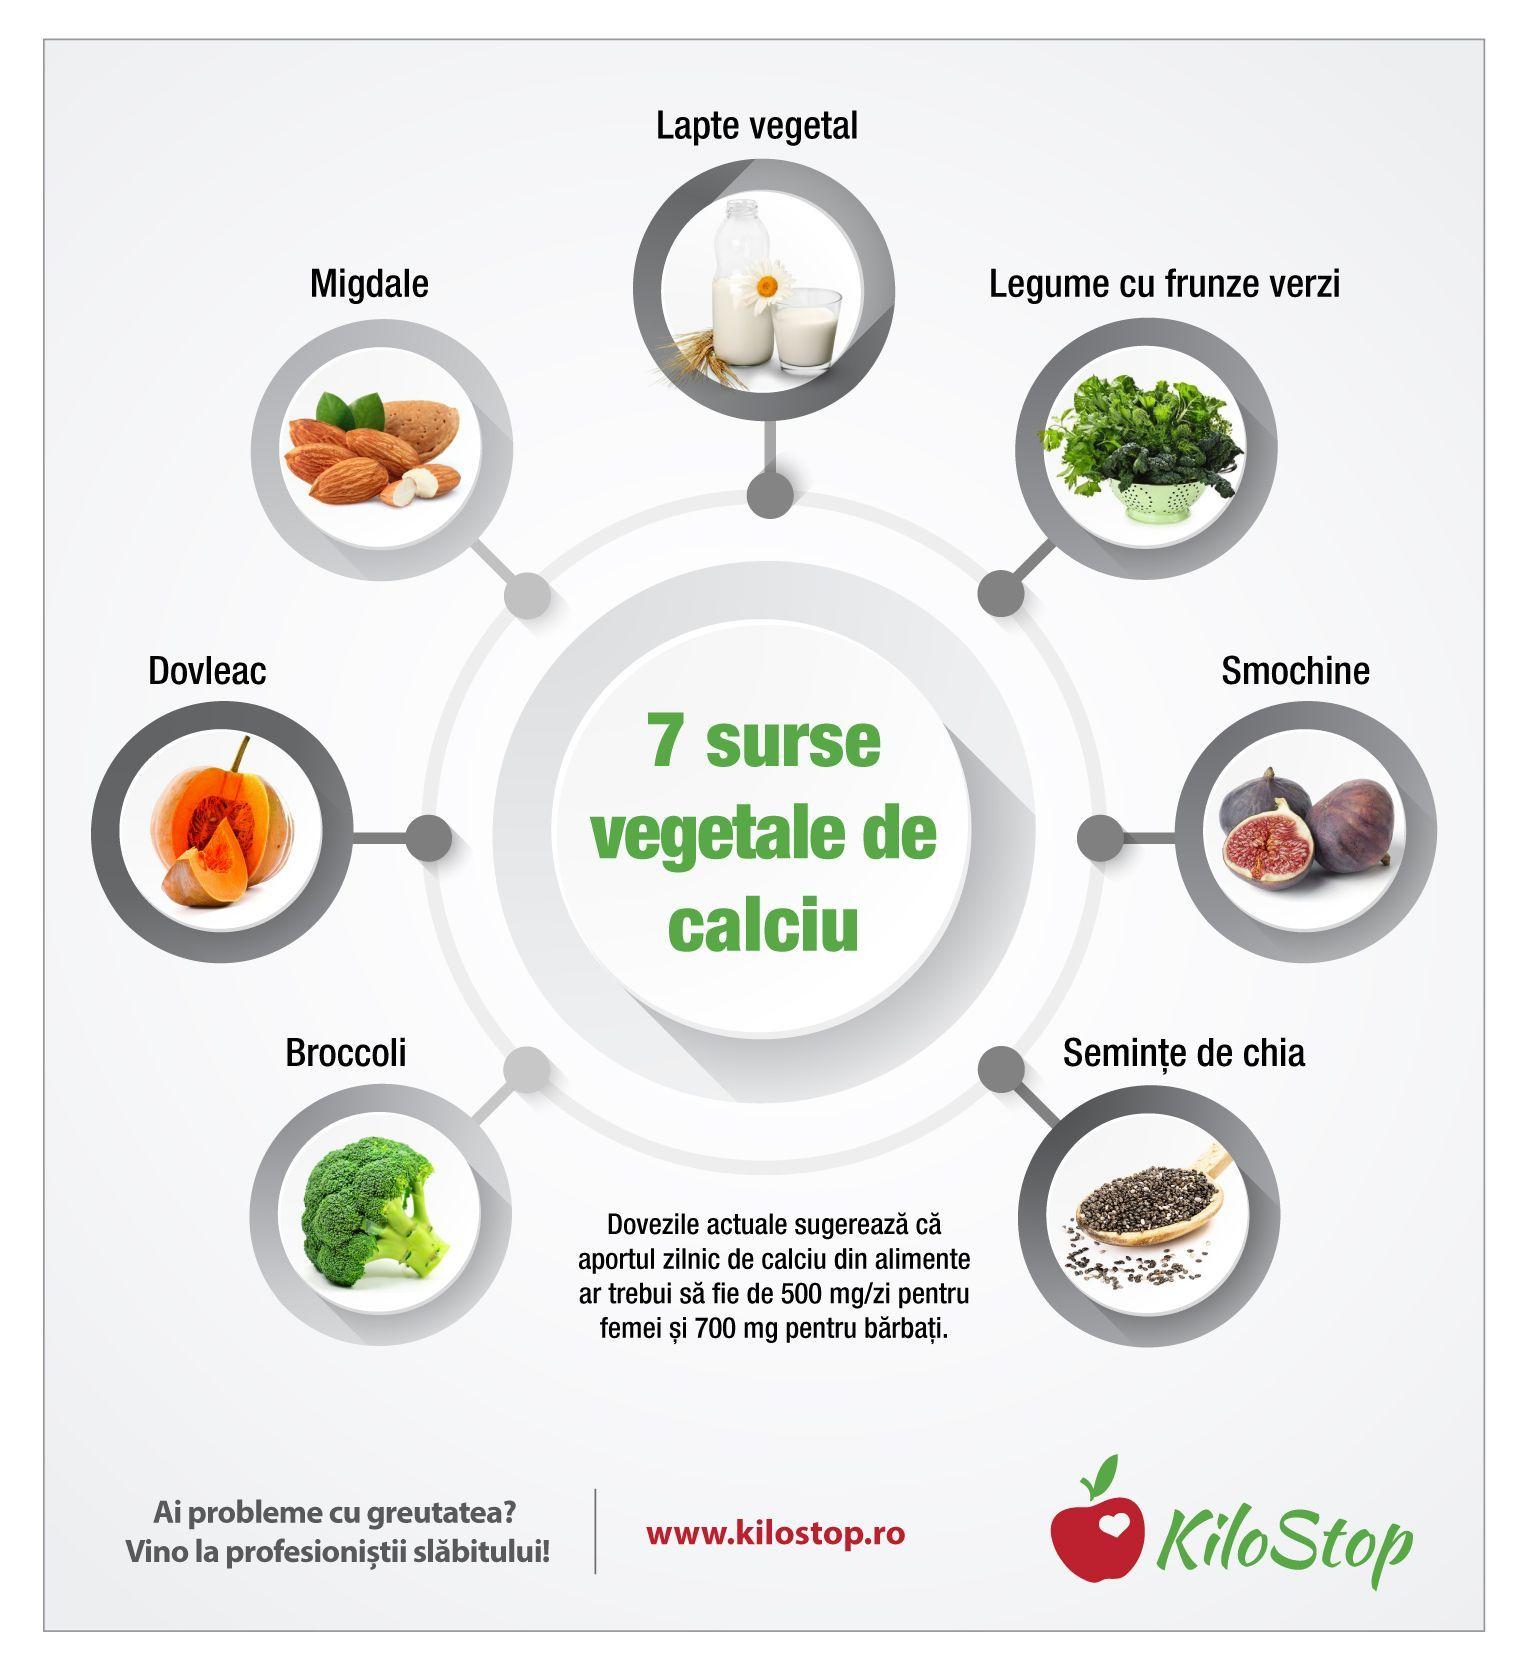 calciu ajuta la pierderea în greutate